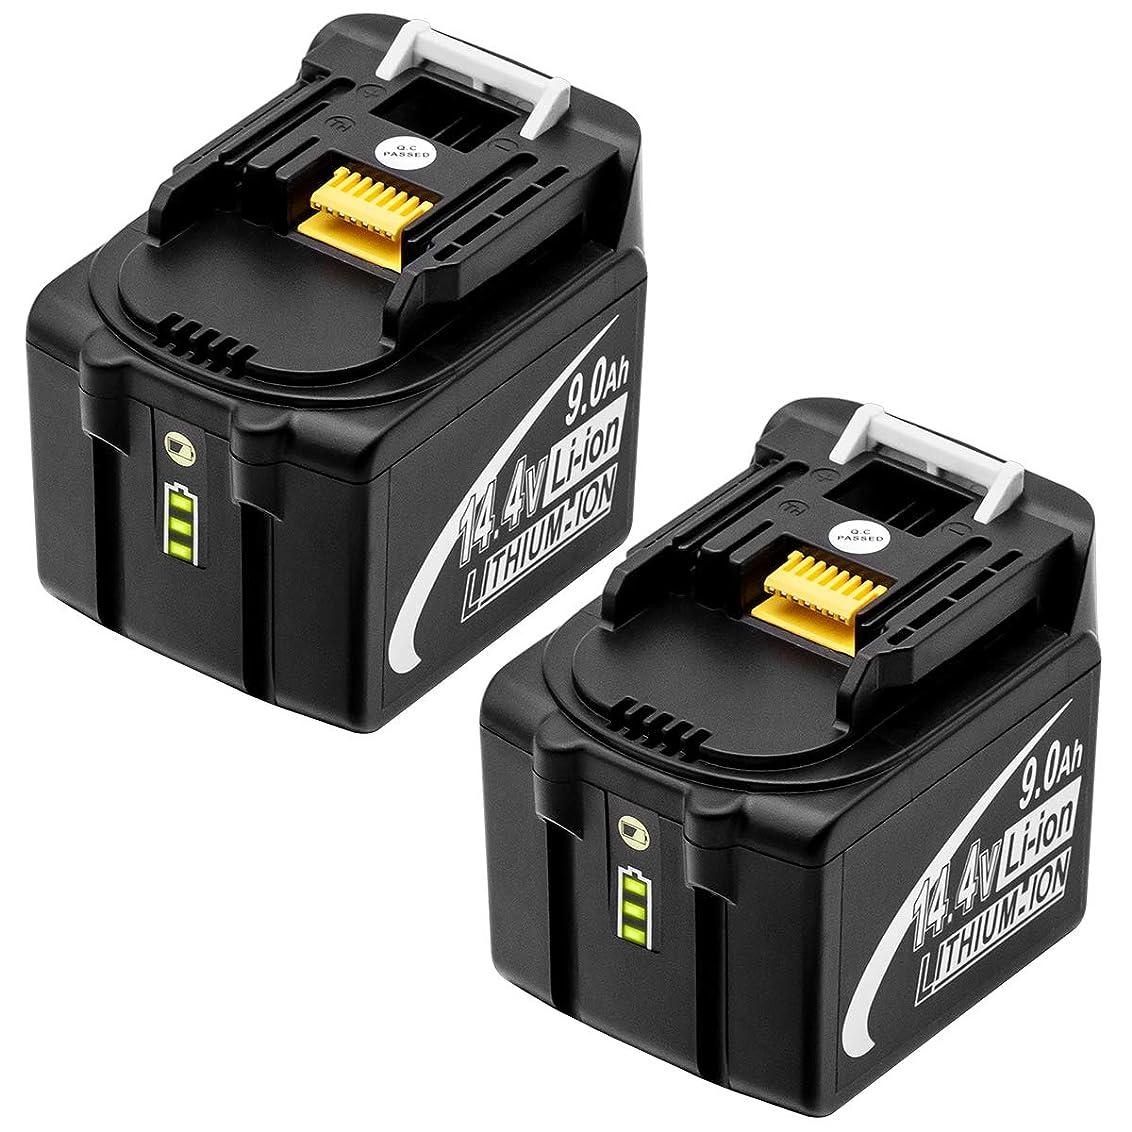 ヨーロッパ辛いシリーズKingTianLeマキタ 14.4v バッテリー bl1490b マキタ互換バッテリー マキタ14.4v 9000mAh BL1460B BL1430 BL1440 BL1450 BL1460 対応 14.4v互換バッテリー 2個セット 1年保証